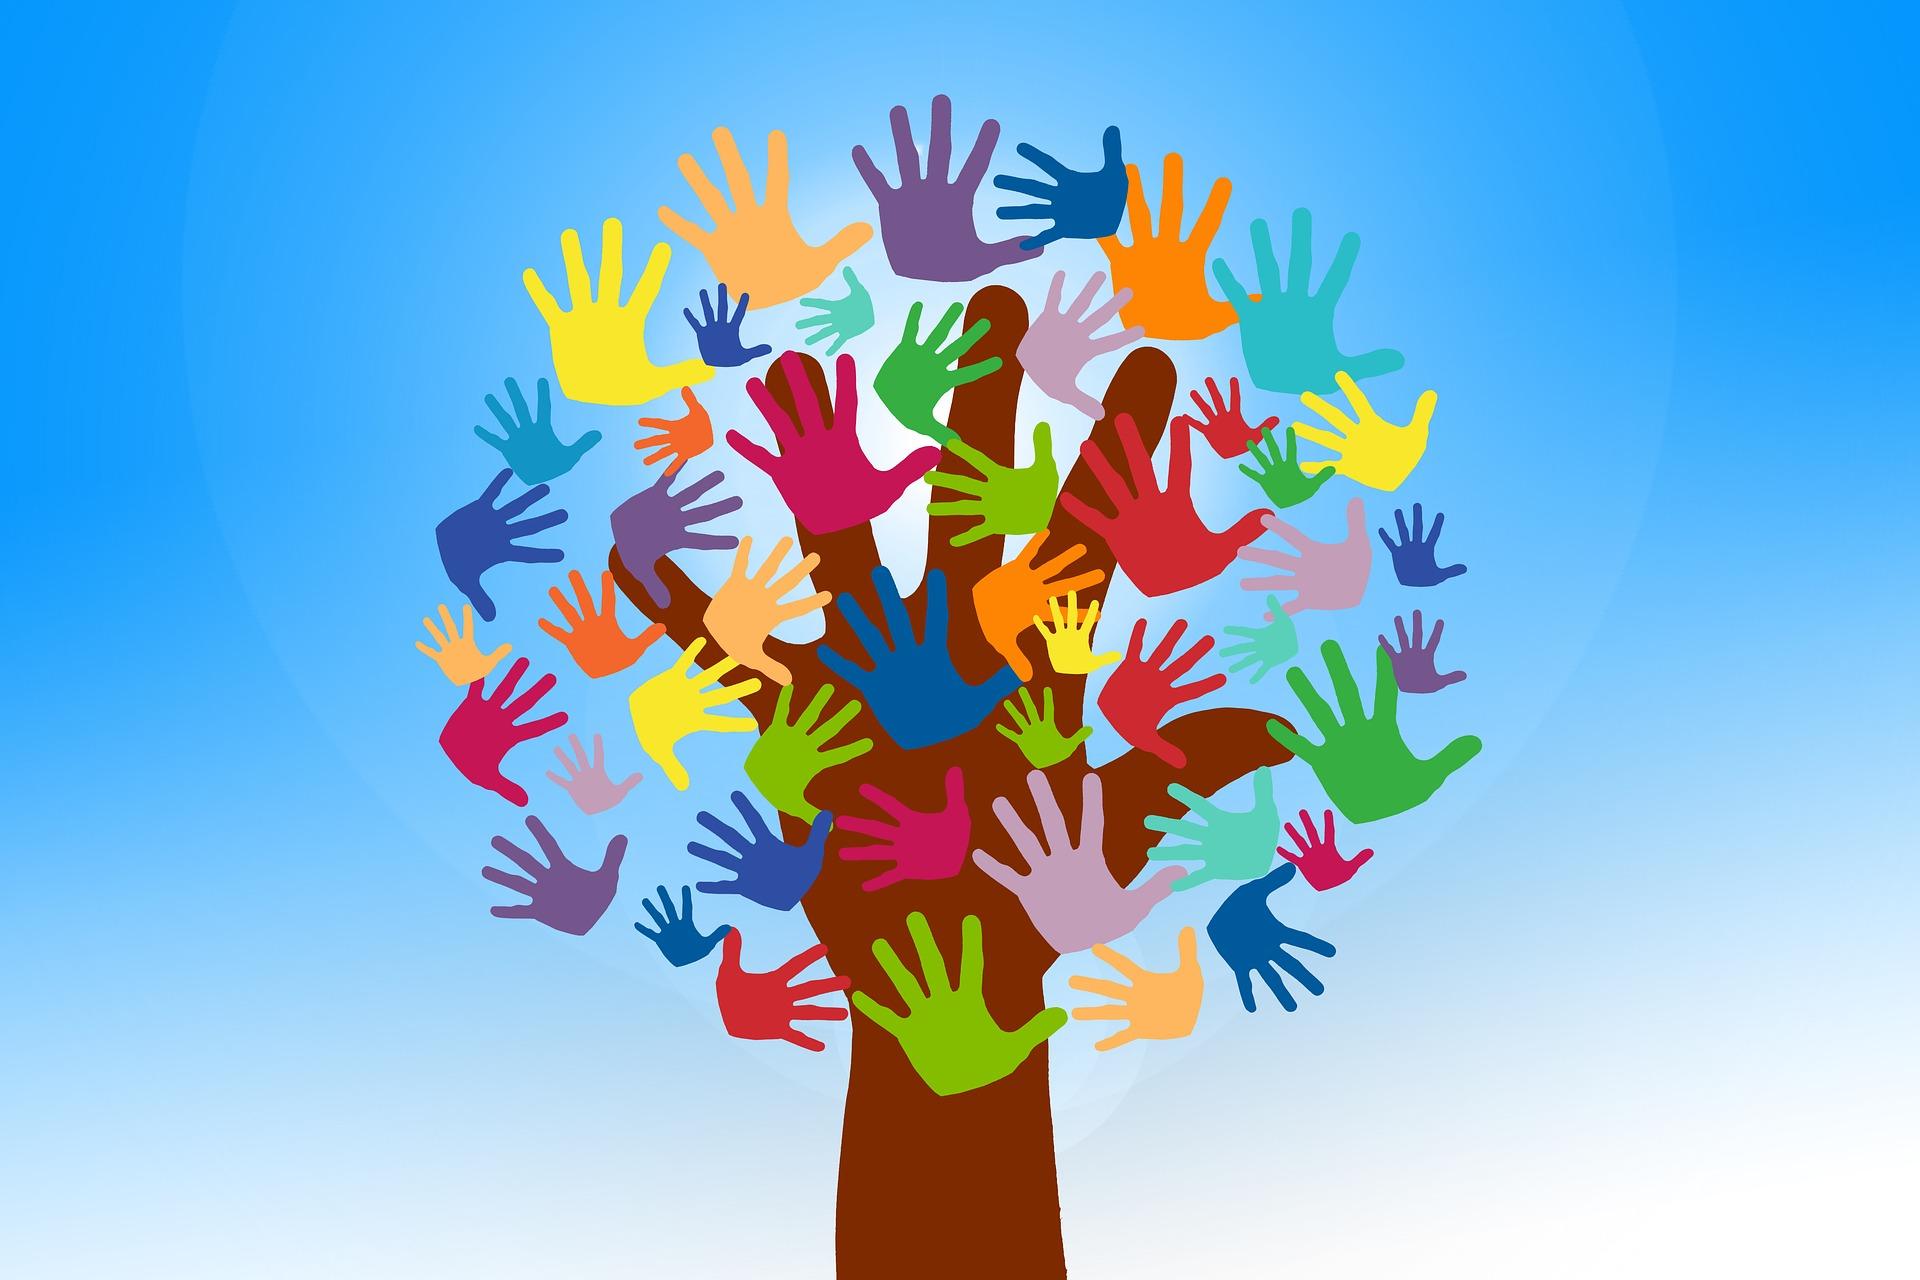 volunteers-2729695_1920.jpg